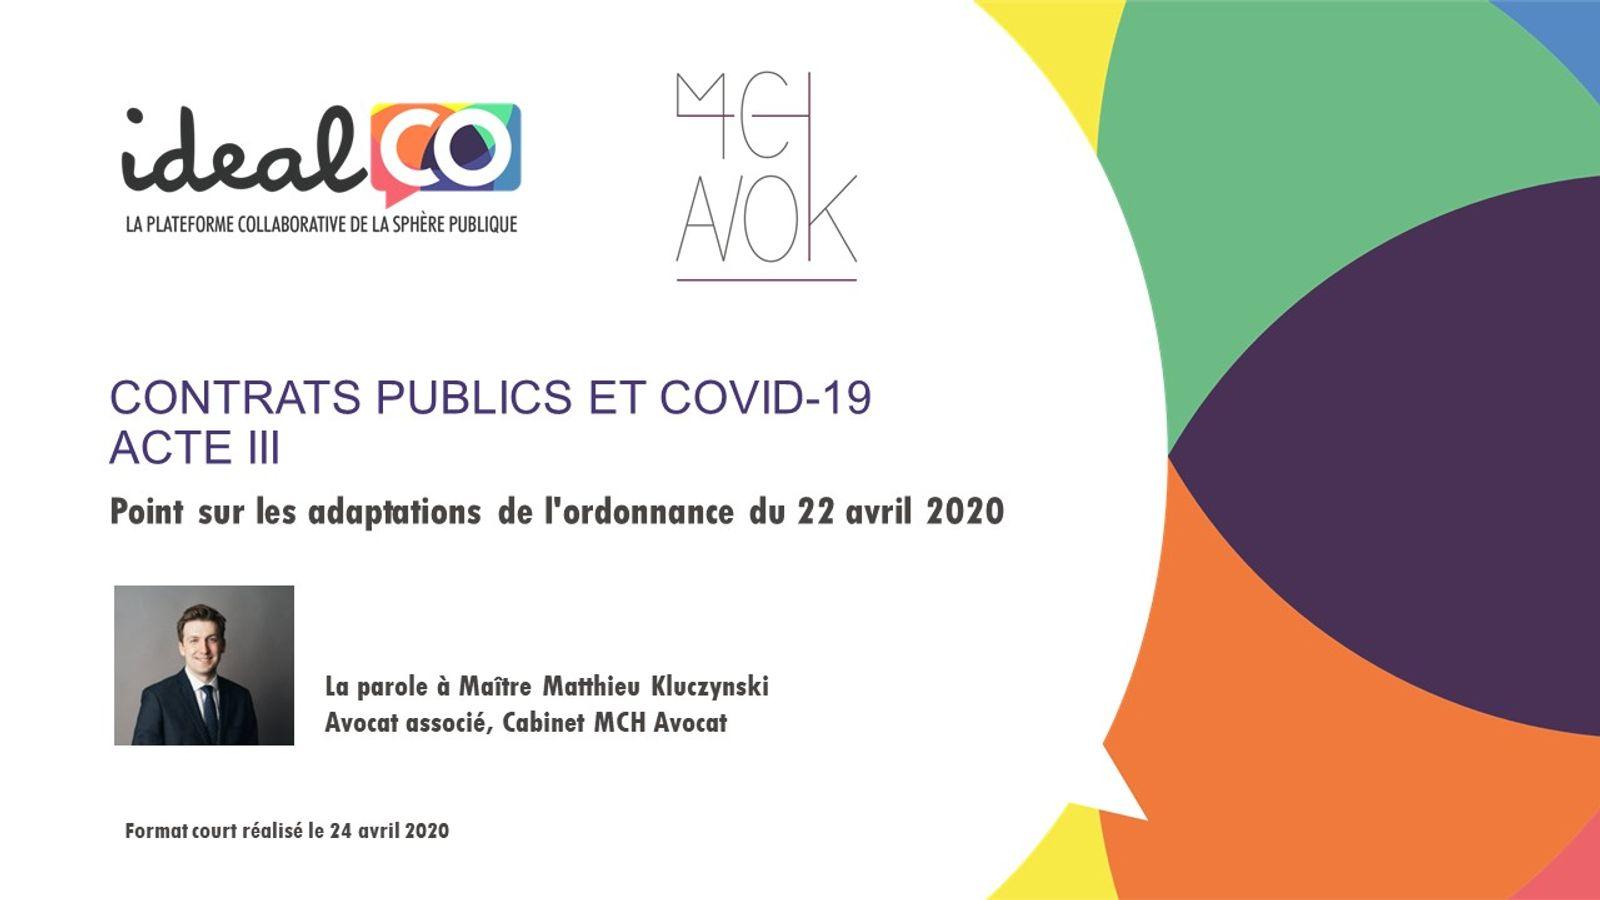 Contrats publics et Covid-19. Acte III - Point sur les adaptations de l'ordonnance du 22 avril 2020